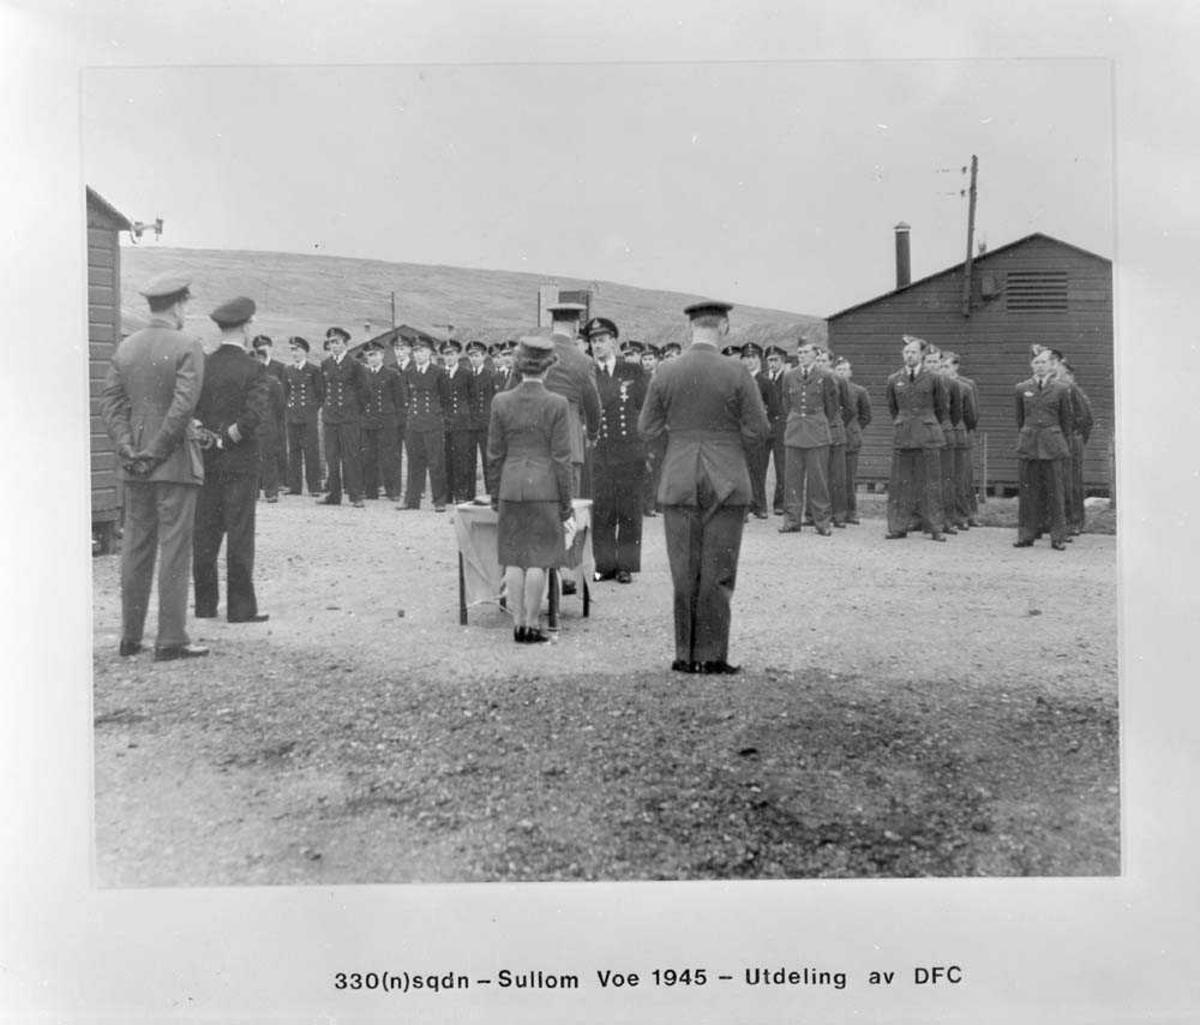 330 skvadron på Sullom Voe. Her foregår utdeling av medaljen Distinguish Service Cross (DFC). Det er en medalje som ble tildelt personer som deltok i krigen mot Tyskland.